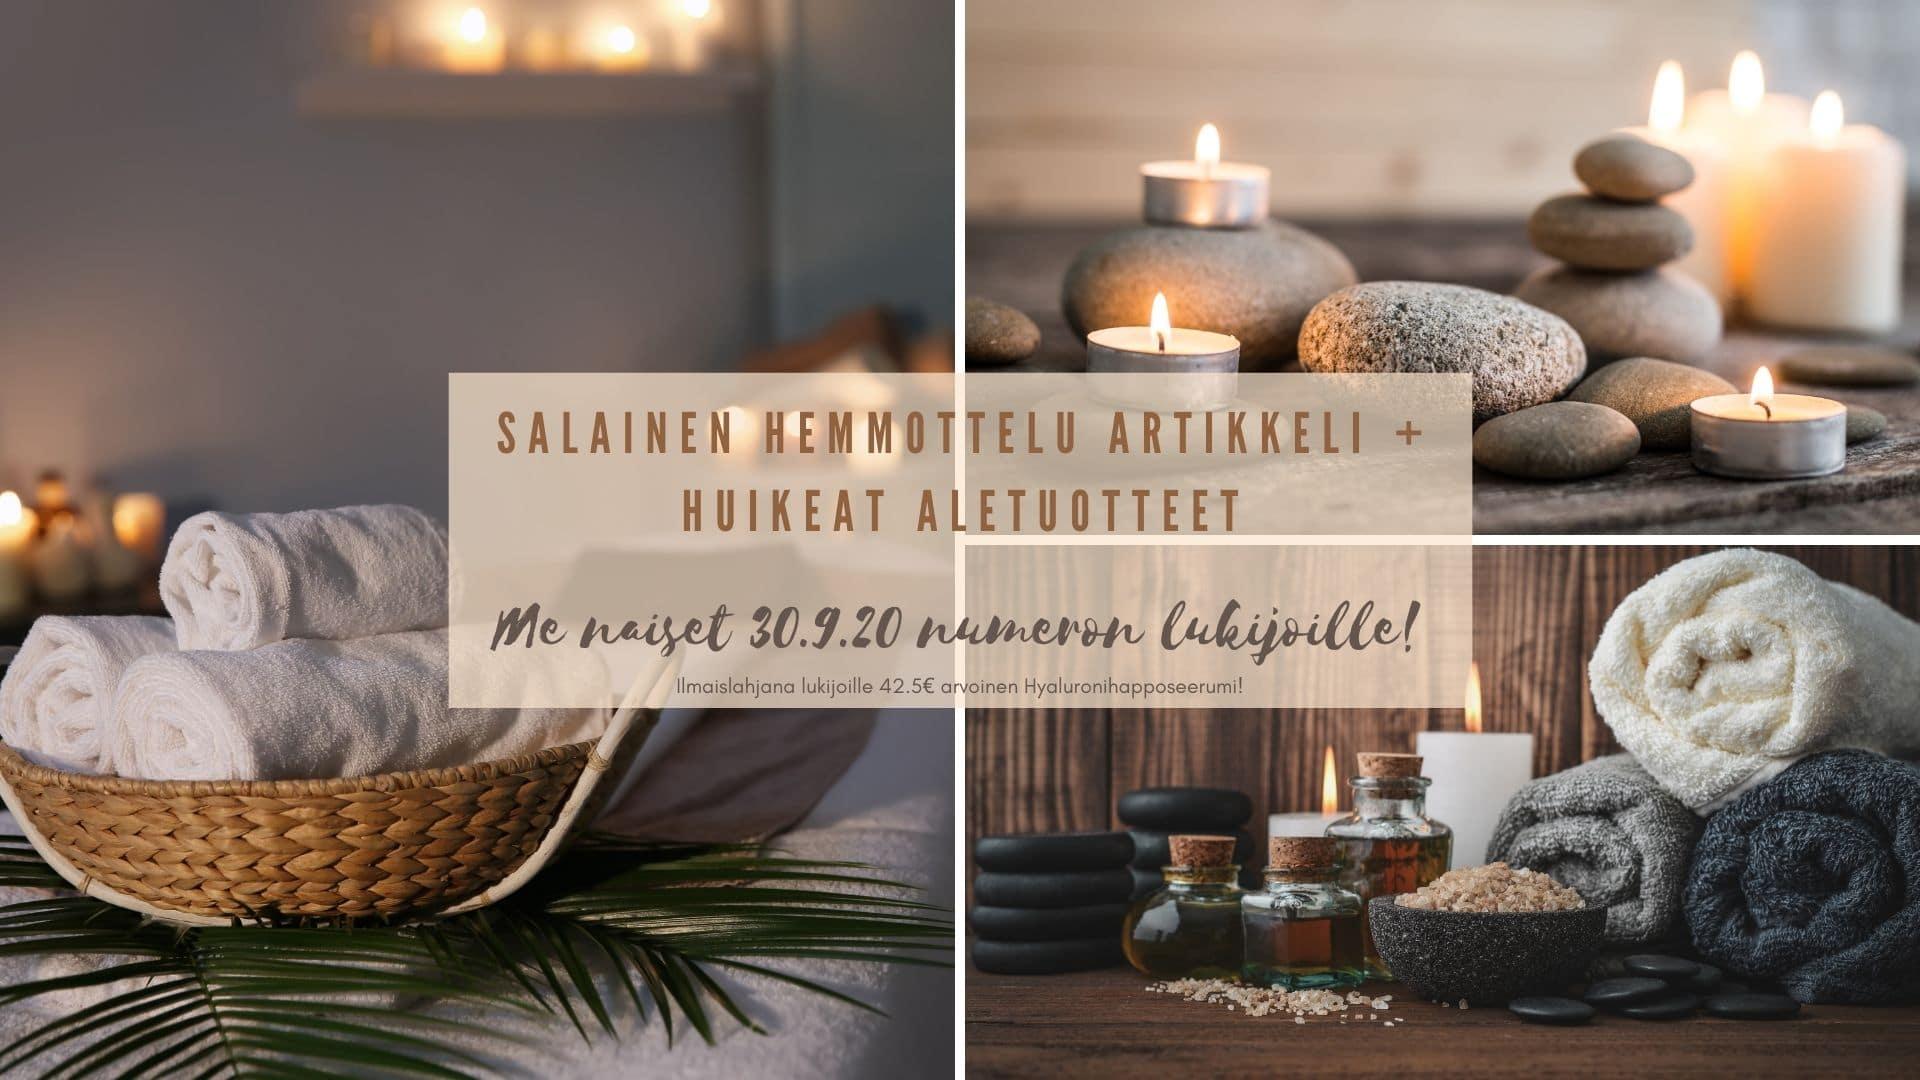 Salainen hemmottelu artikkeli me naiset lukijoille Ilmaislahjana lukijoille 42.5€ arvoinen Hyaluronihapposeerumi!